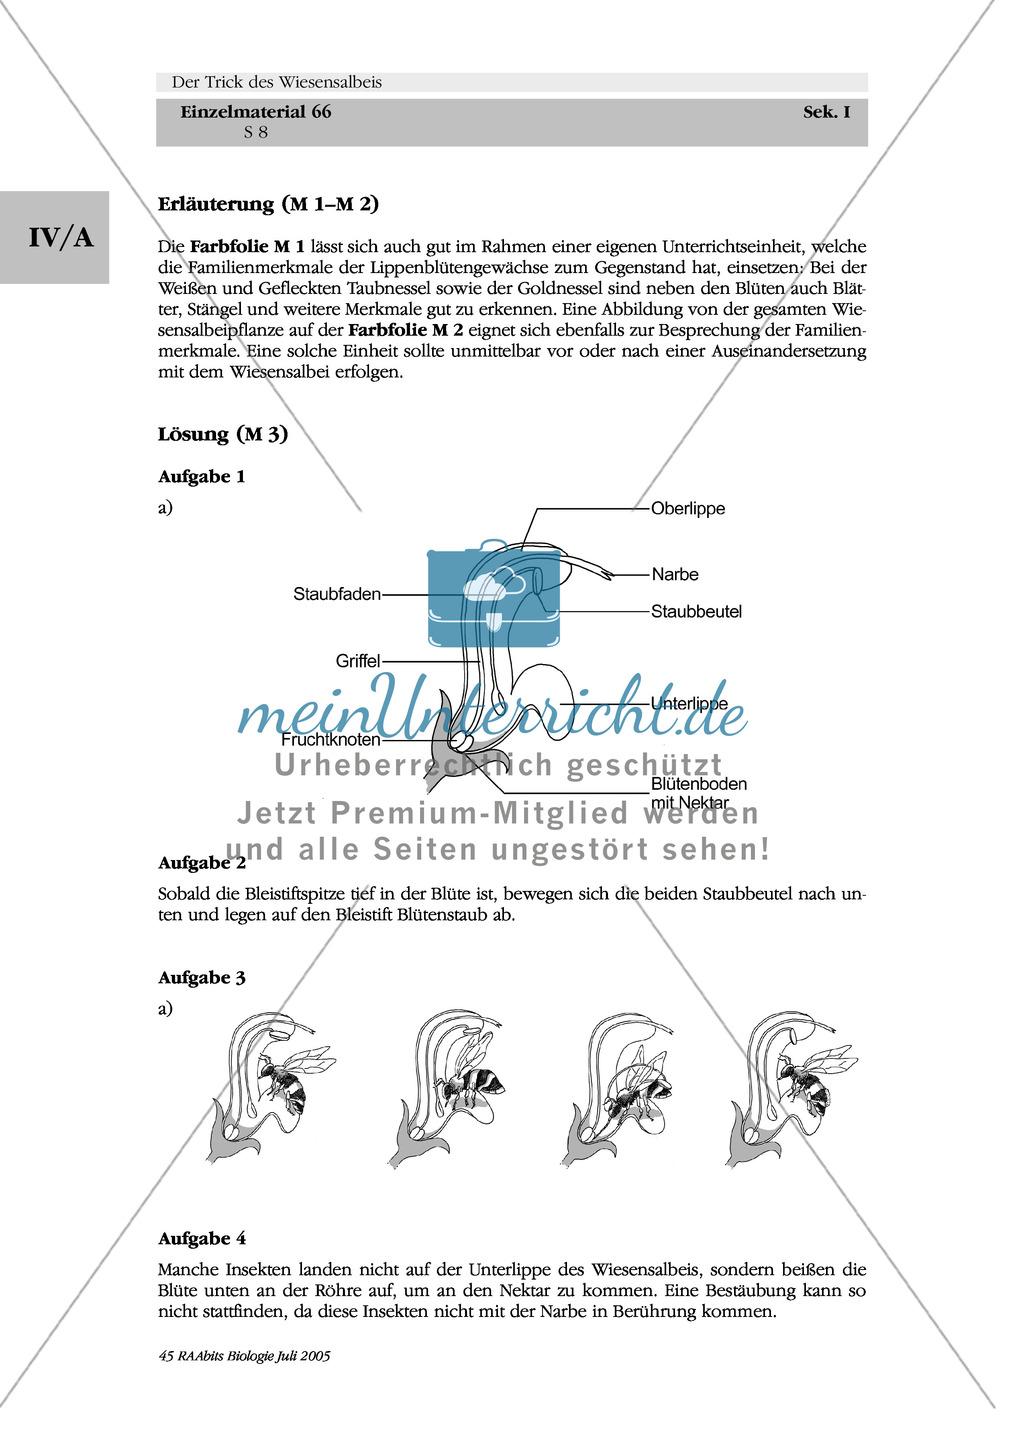 Wiesensalbei - ein Vertreter der Lippenblütler: Morphologie des Wiesensalbeis + Ablauf des Pollenschlagwerks Preview 3